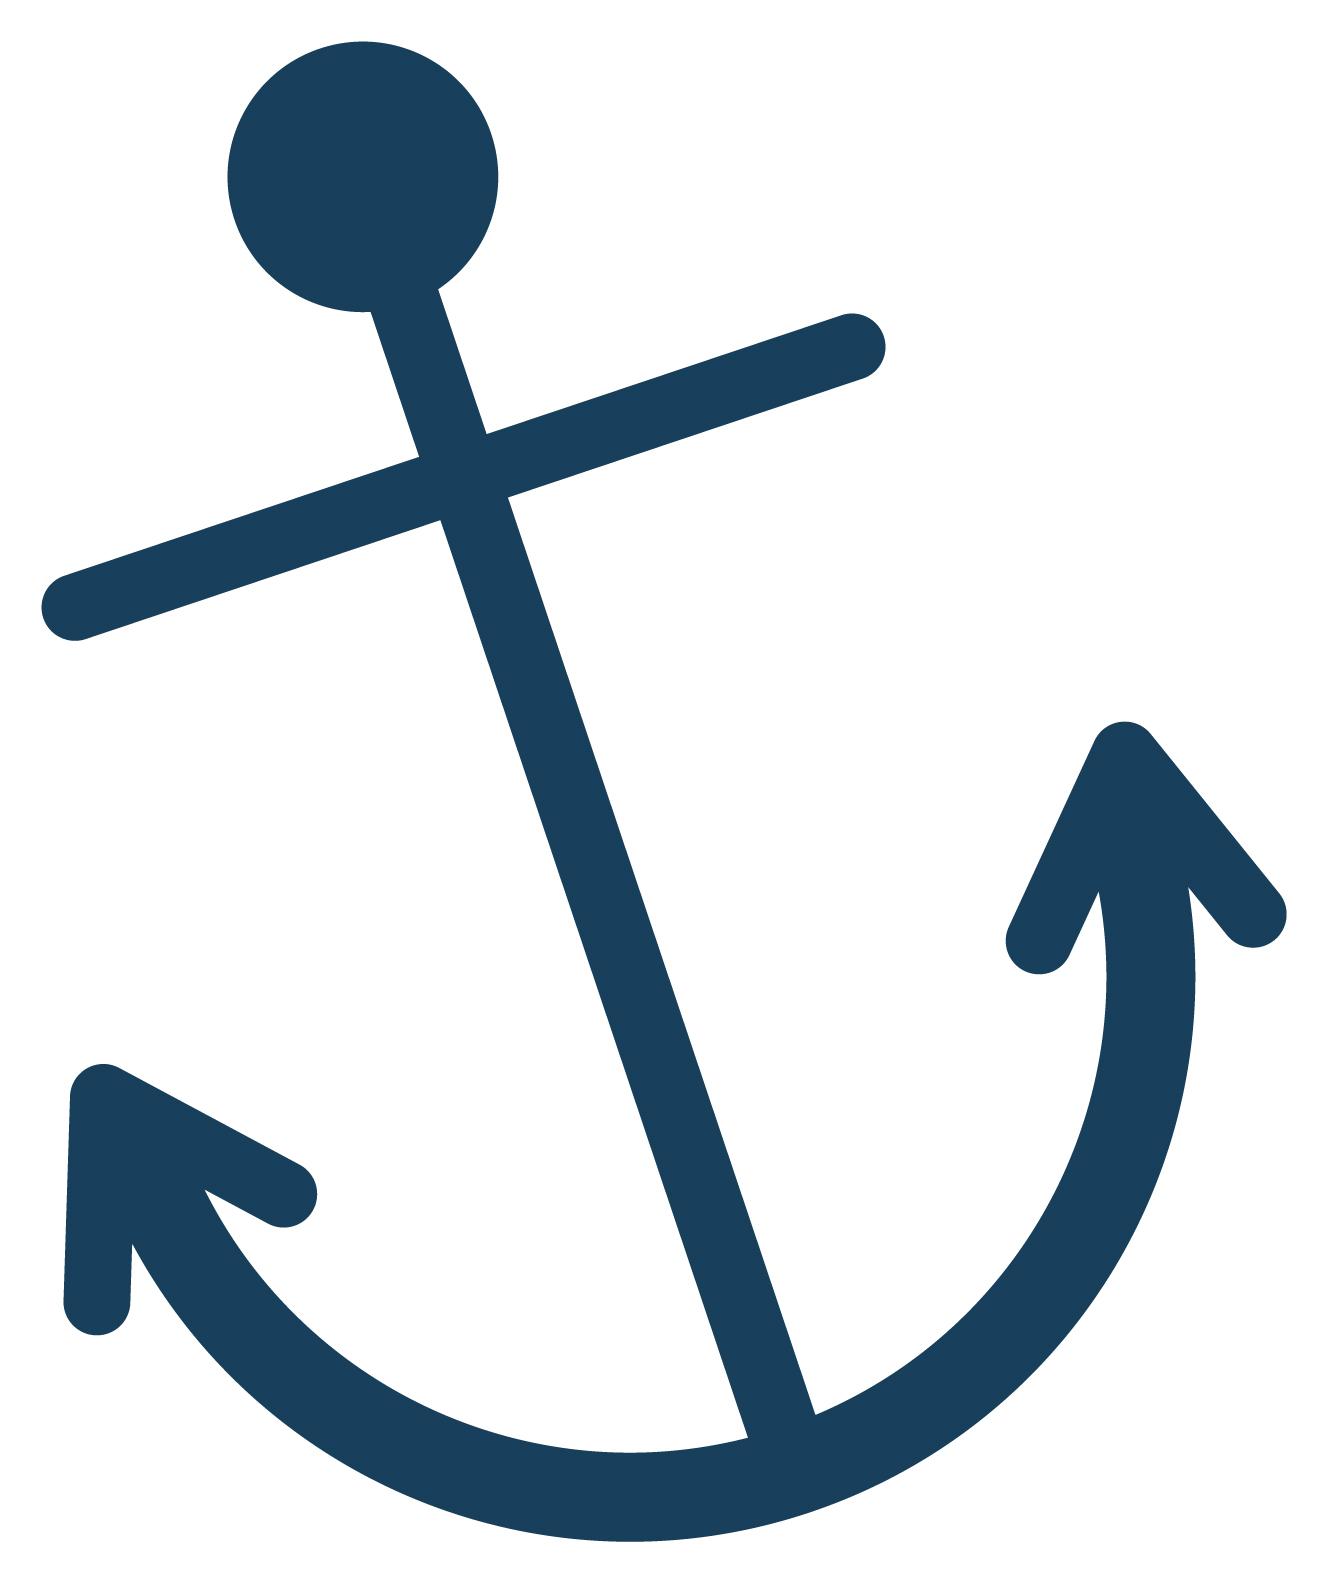 1328x1583 Image Of Anchor Clip Art